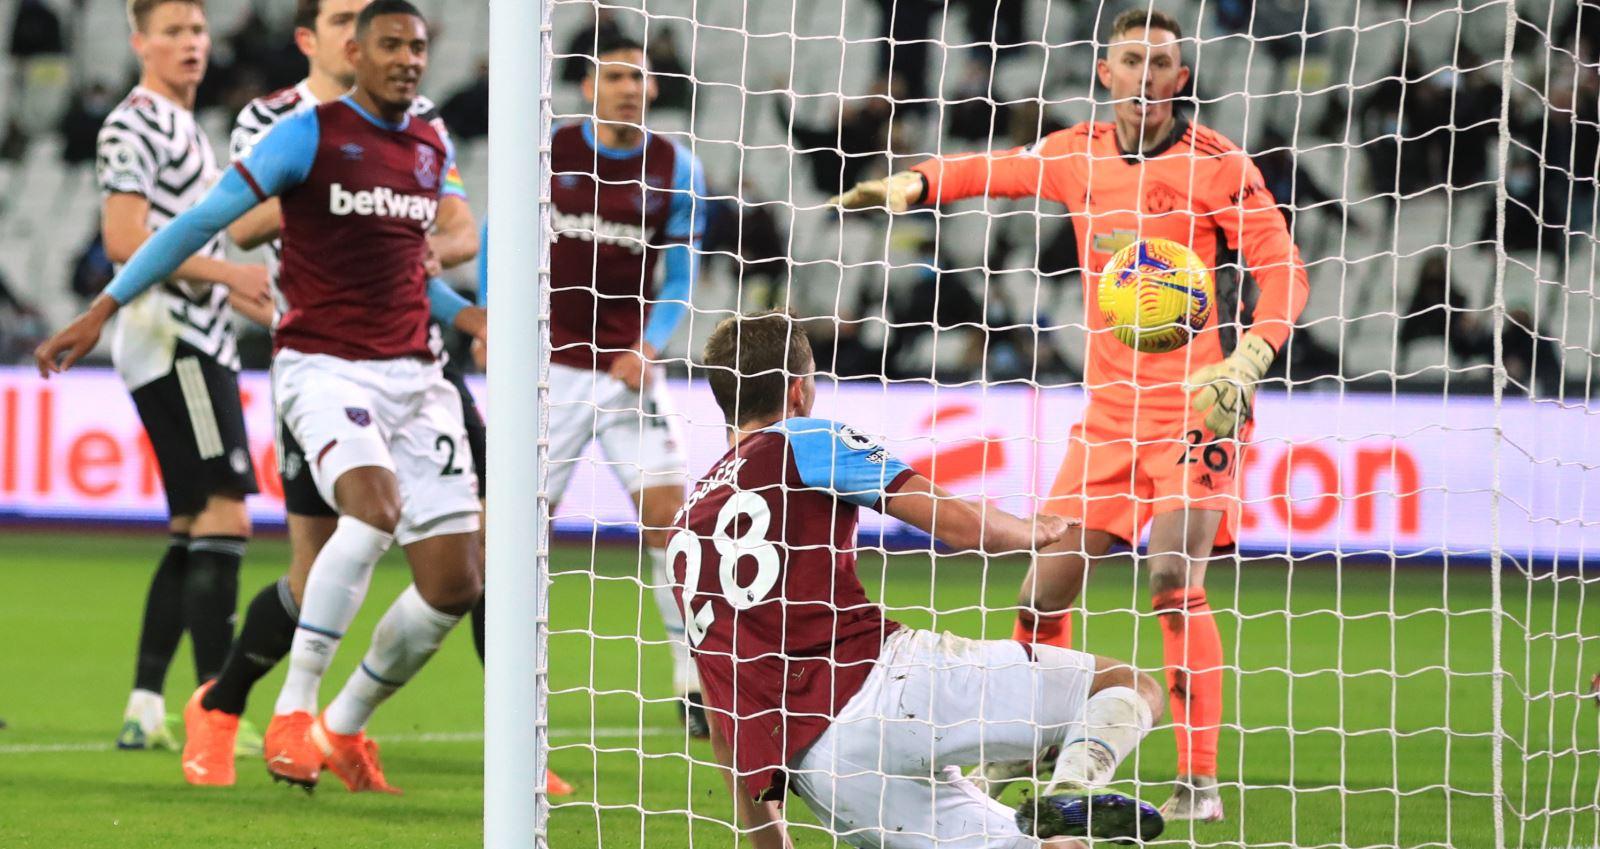 West Ham 1-3 MU, Video clip bàn thắng MU, MU thắng ngược, kết quả West Ham vs MU, kết quả bóng đá Anh, ngoại hạng Anh, Bảng xếp hạng bóng đá Anh, kết quả MU, MU